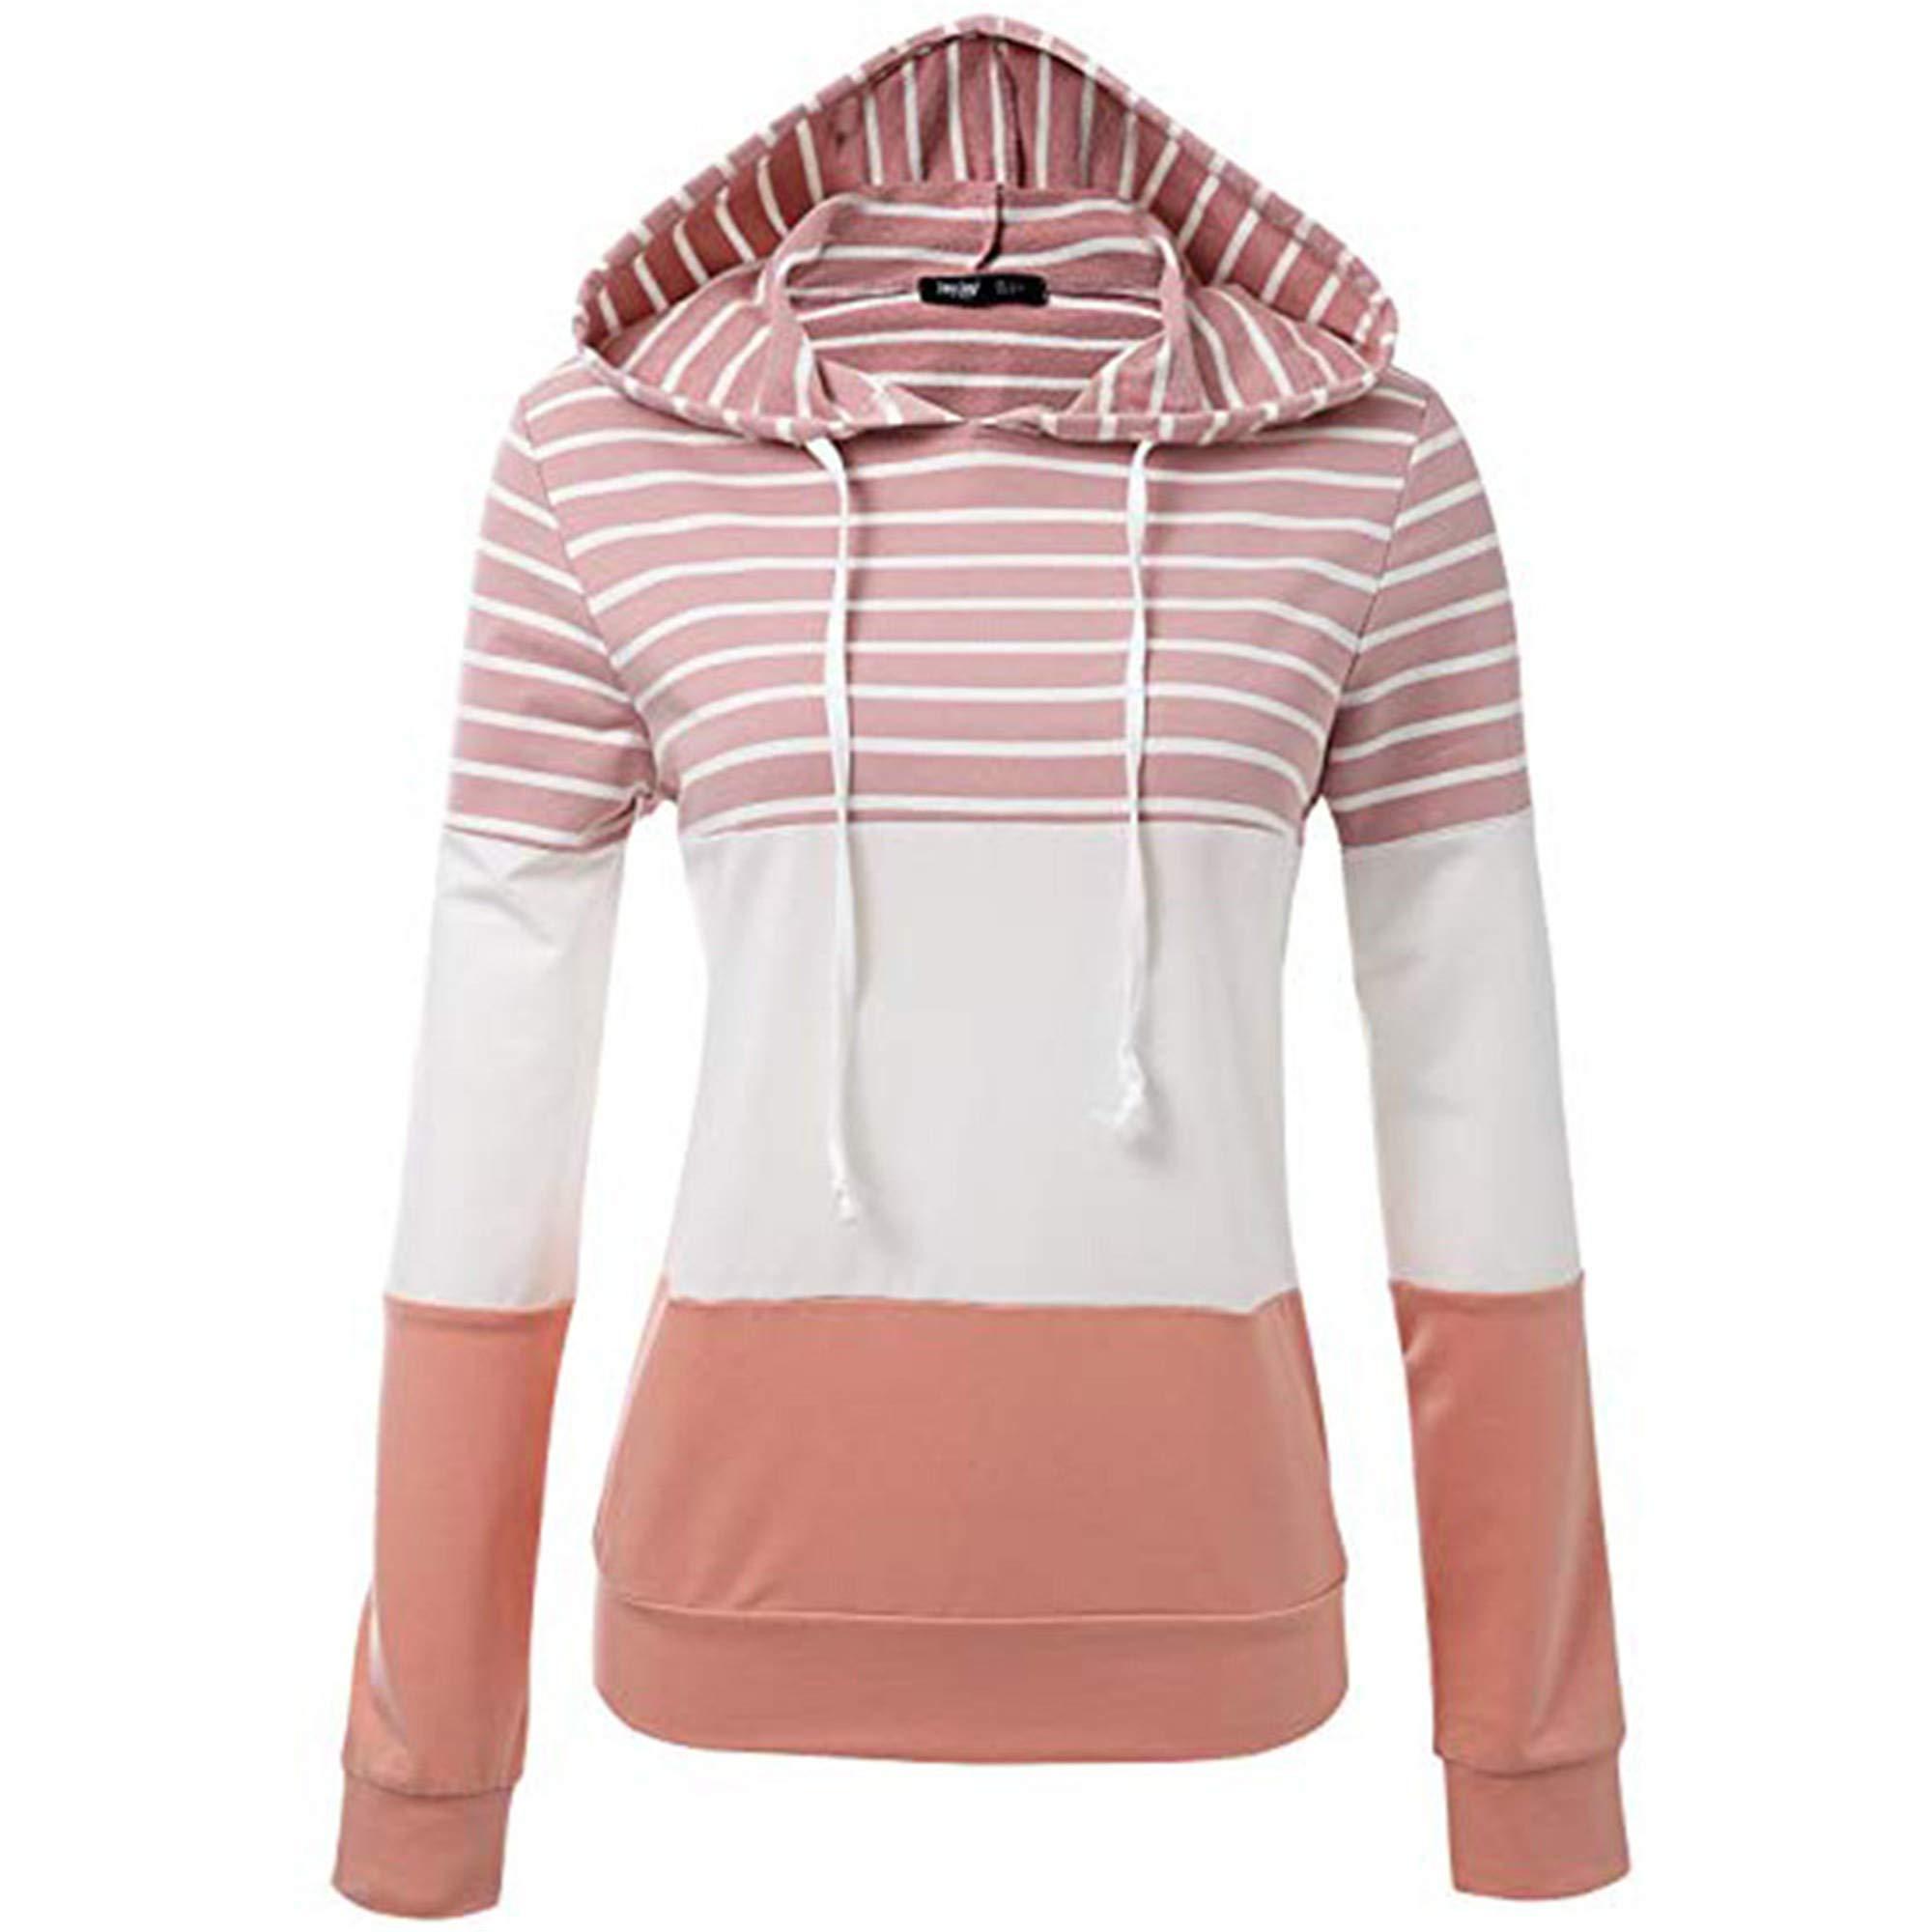 SMALLE ◕‿◕ Lovely in Women's Long Sleeve Hooded Girls School Sweatshirt Stripe Pullover Hoodies